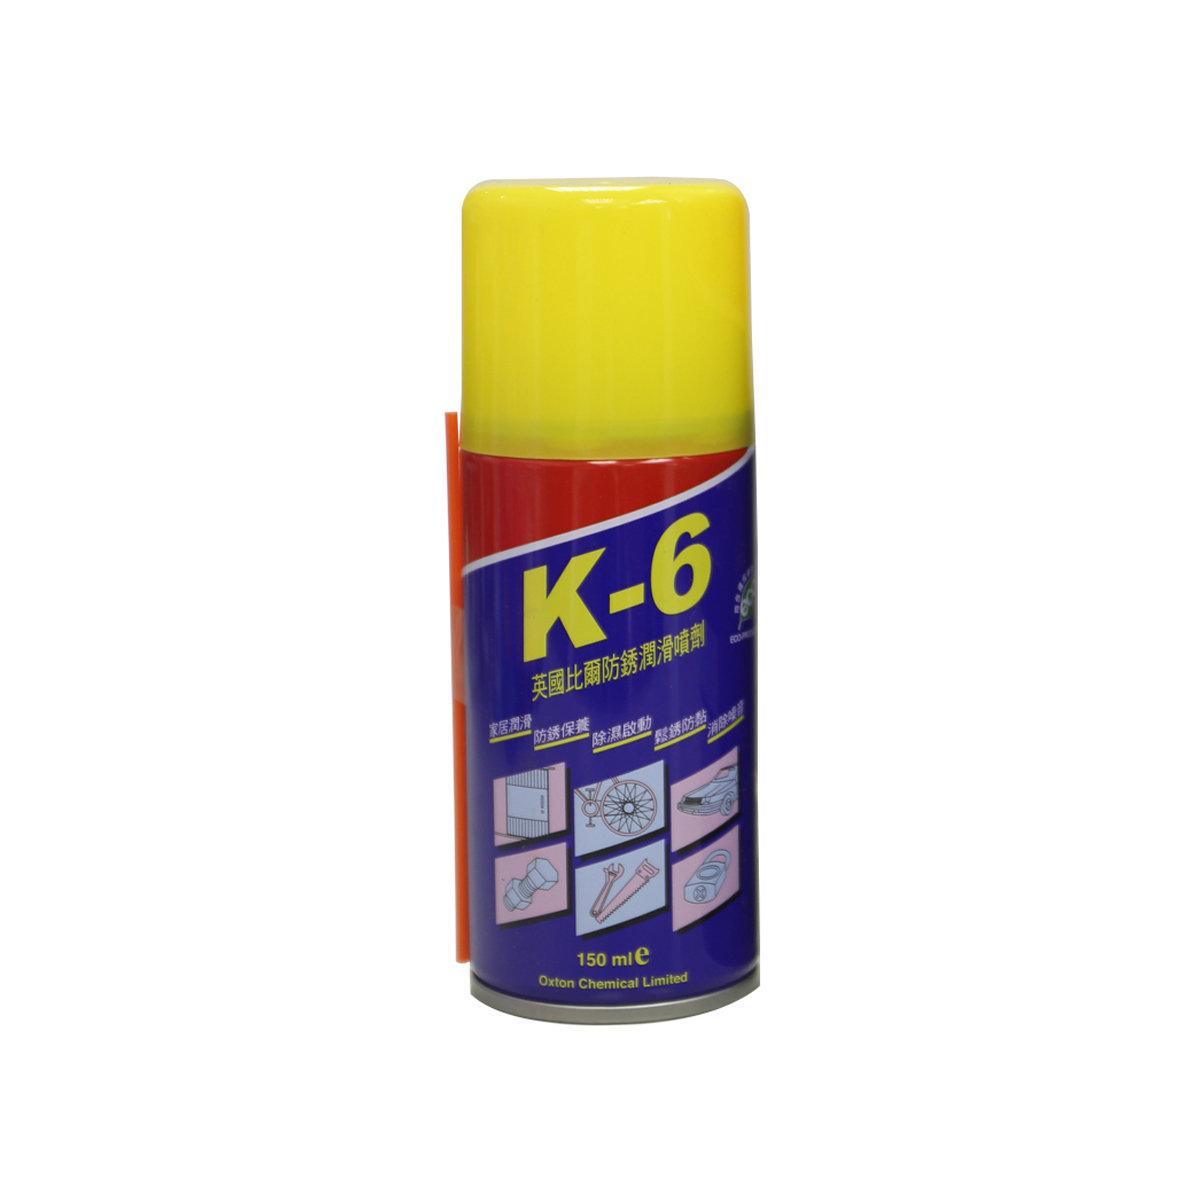 K-6 Multi-Purpose Lubricant (150 ml)